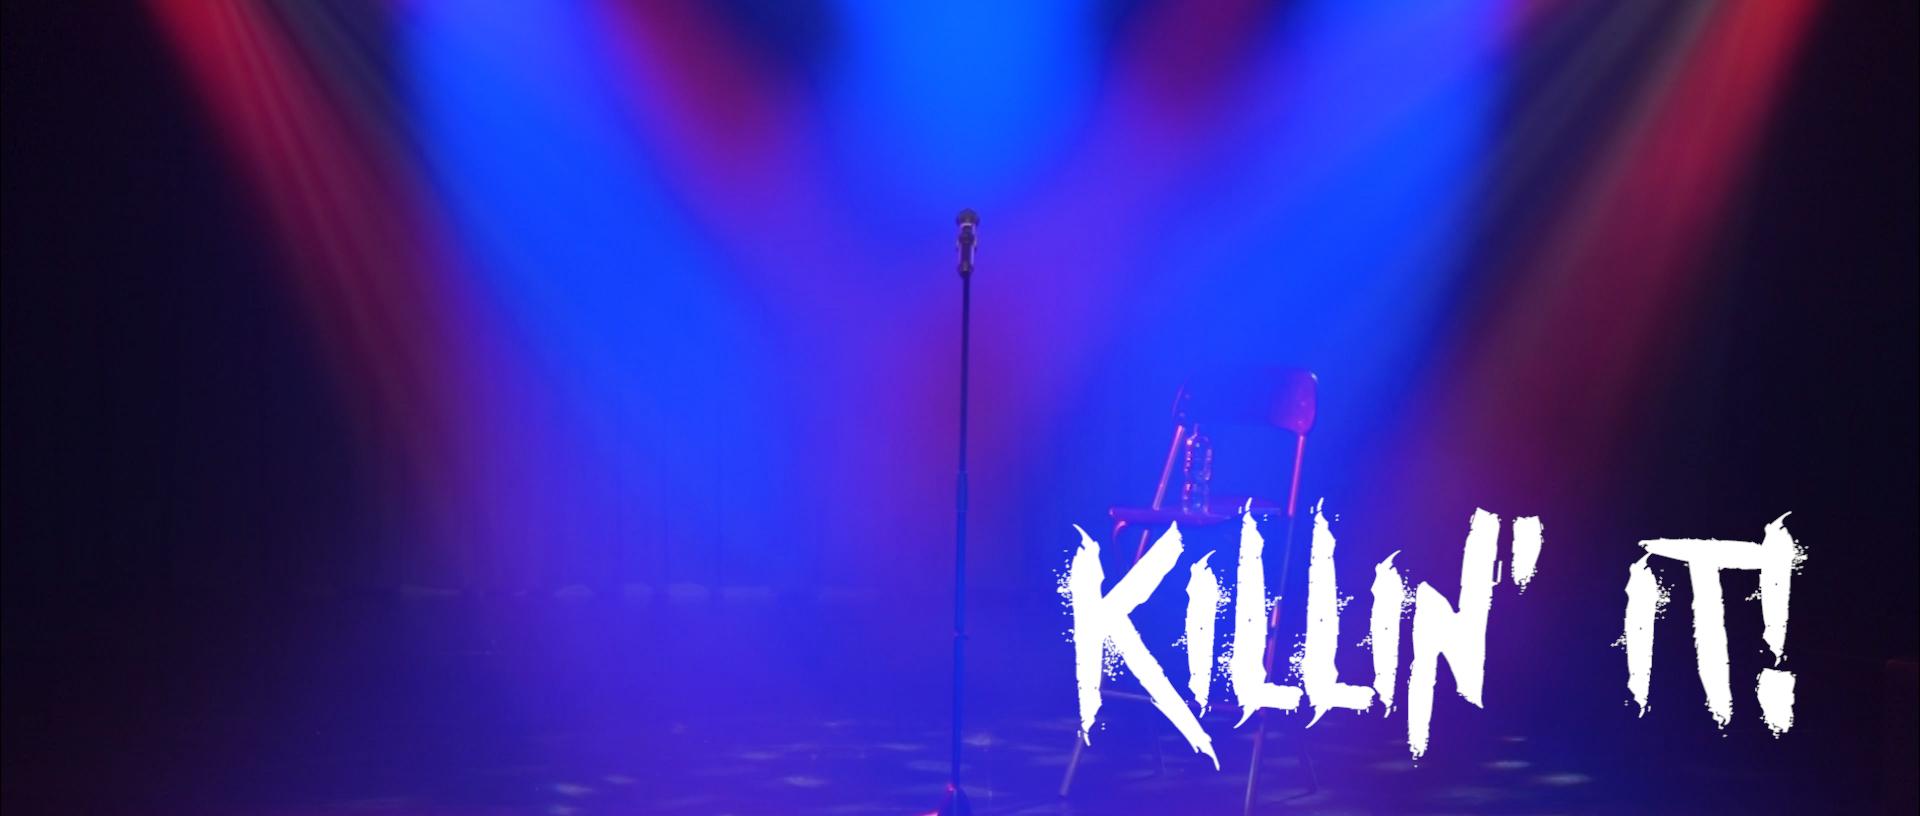 Killin' It! - My RØDE Reel 2020